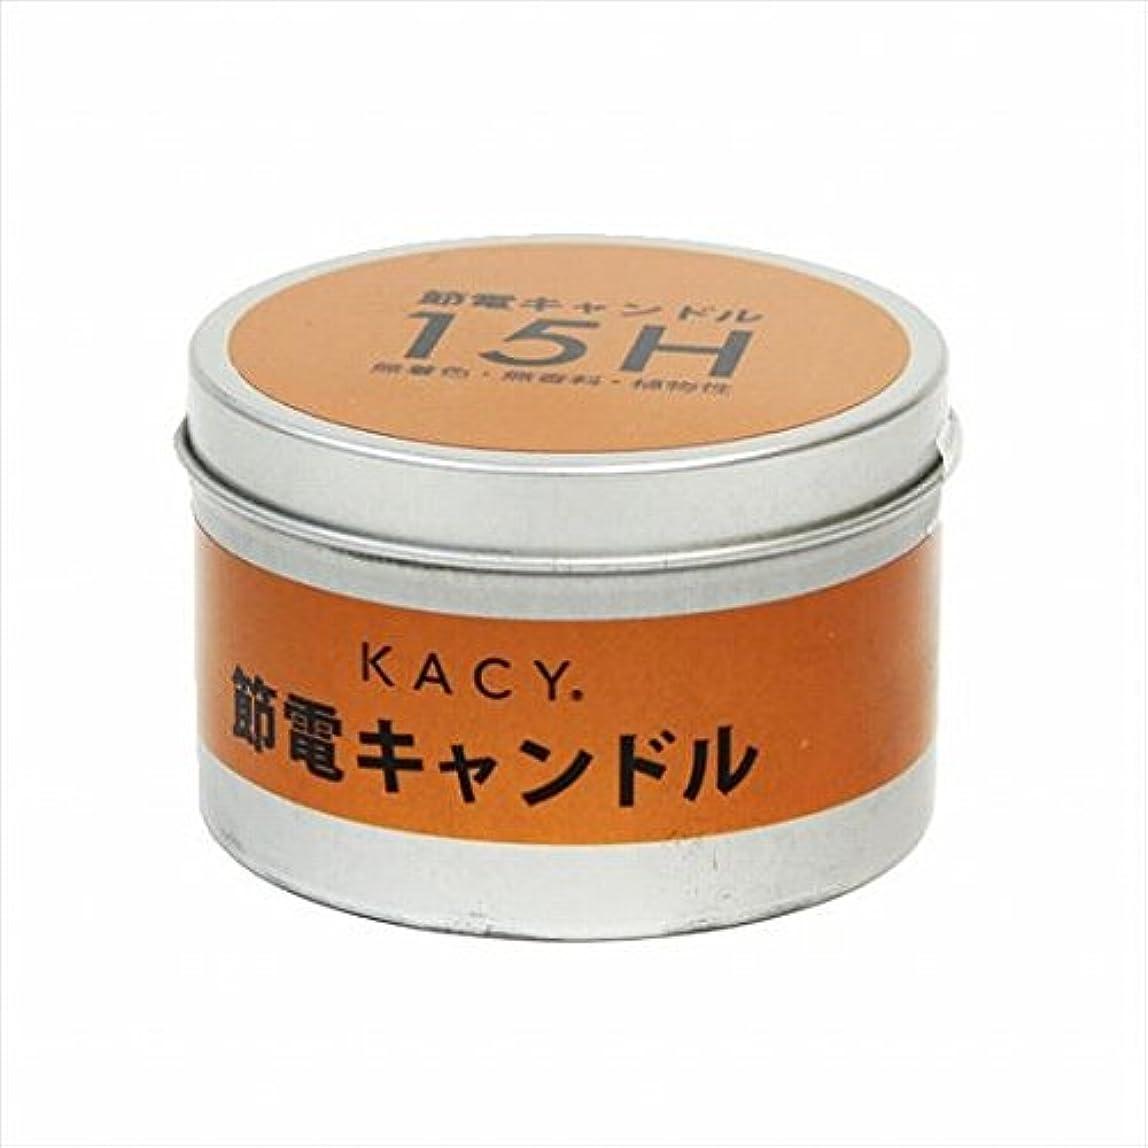 侮辱ギャンブル安いですカメヤマキャンドル(kameyama candle) 節電缶キャンドル15時間タイプ